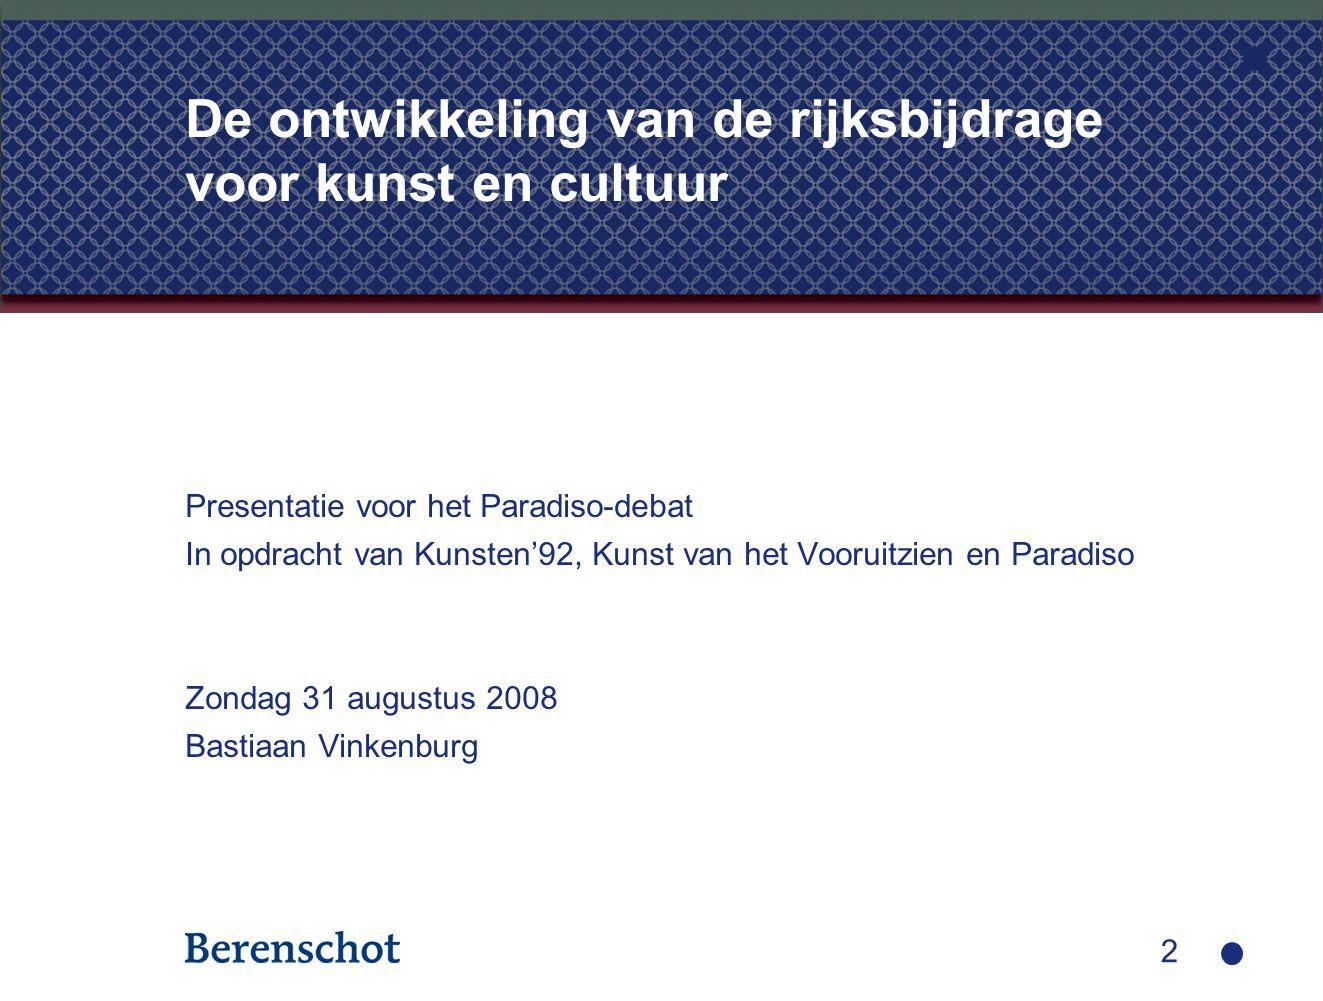 2 De ontwikkeling van de rijksbijdrage voor kunst en cultuur Presentatie voor het Paradiso-debat In opdracht van Kunsten'92, Kunst van het Vooruitzien en Paradiso Zondag 31 augustus 2008 Bastiaan Vinkenburg